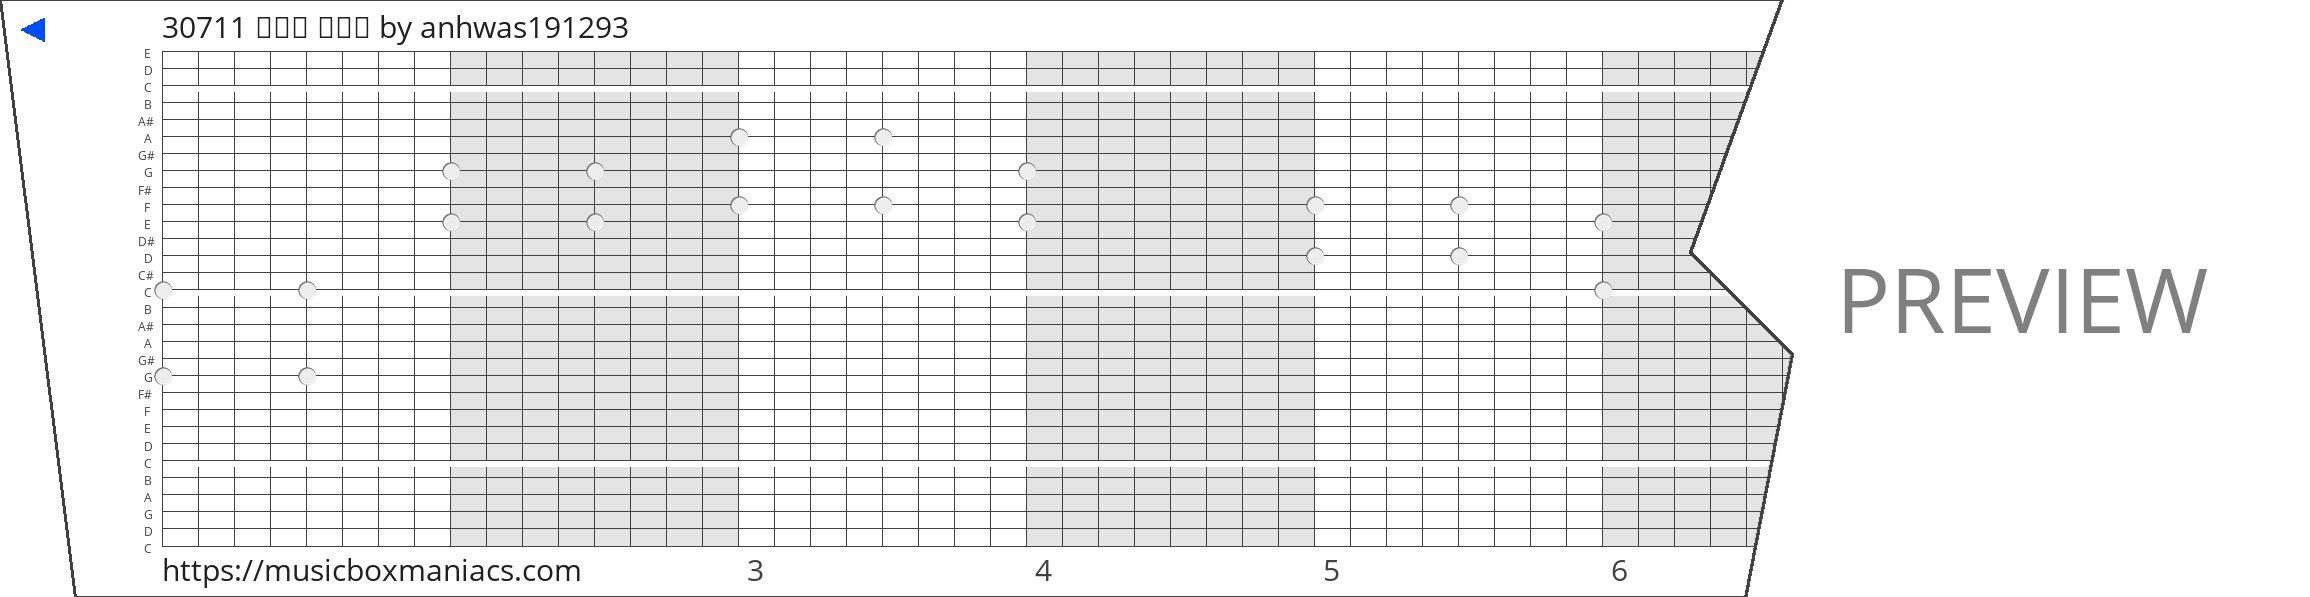 30711 박은영 작은별 30 note music box paper strip